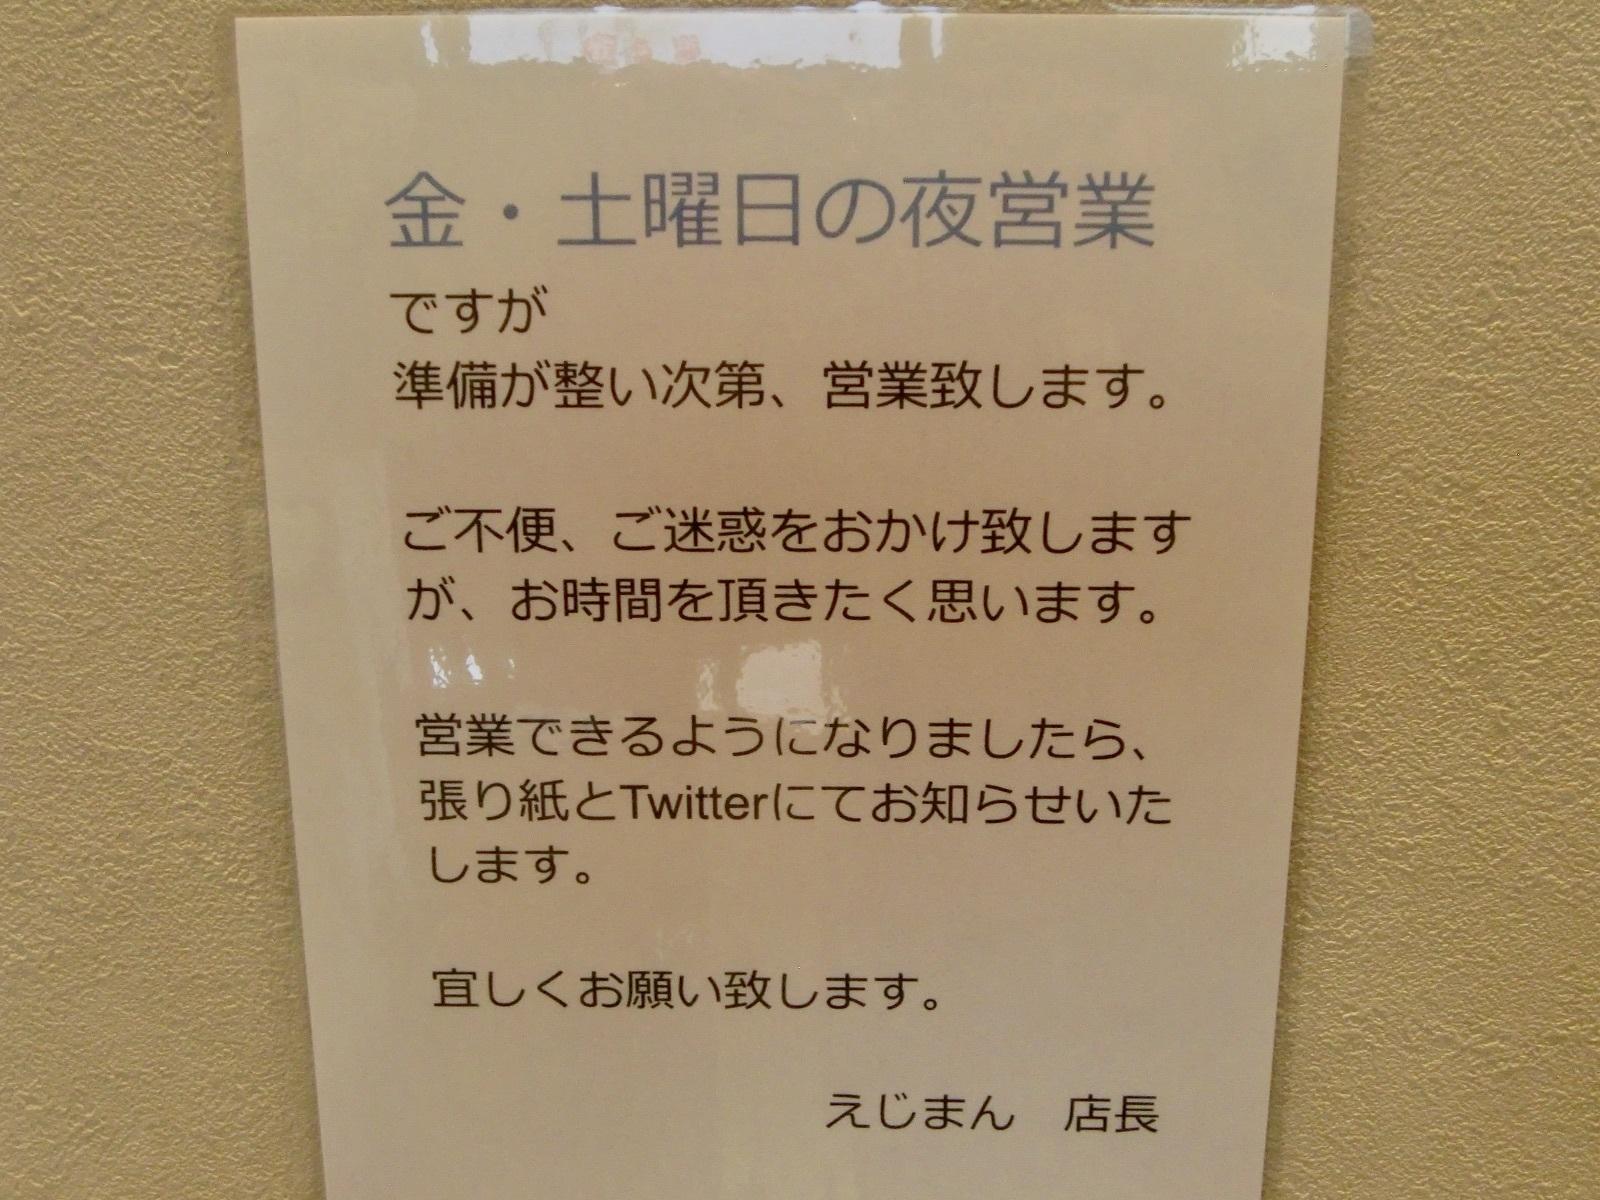 つけ麺まぜそば 専門店えじまん@愛知県小牧市 鳥居式らーめん塾14期生